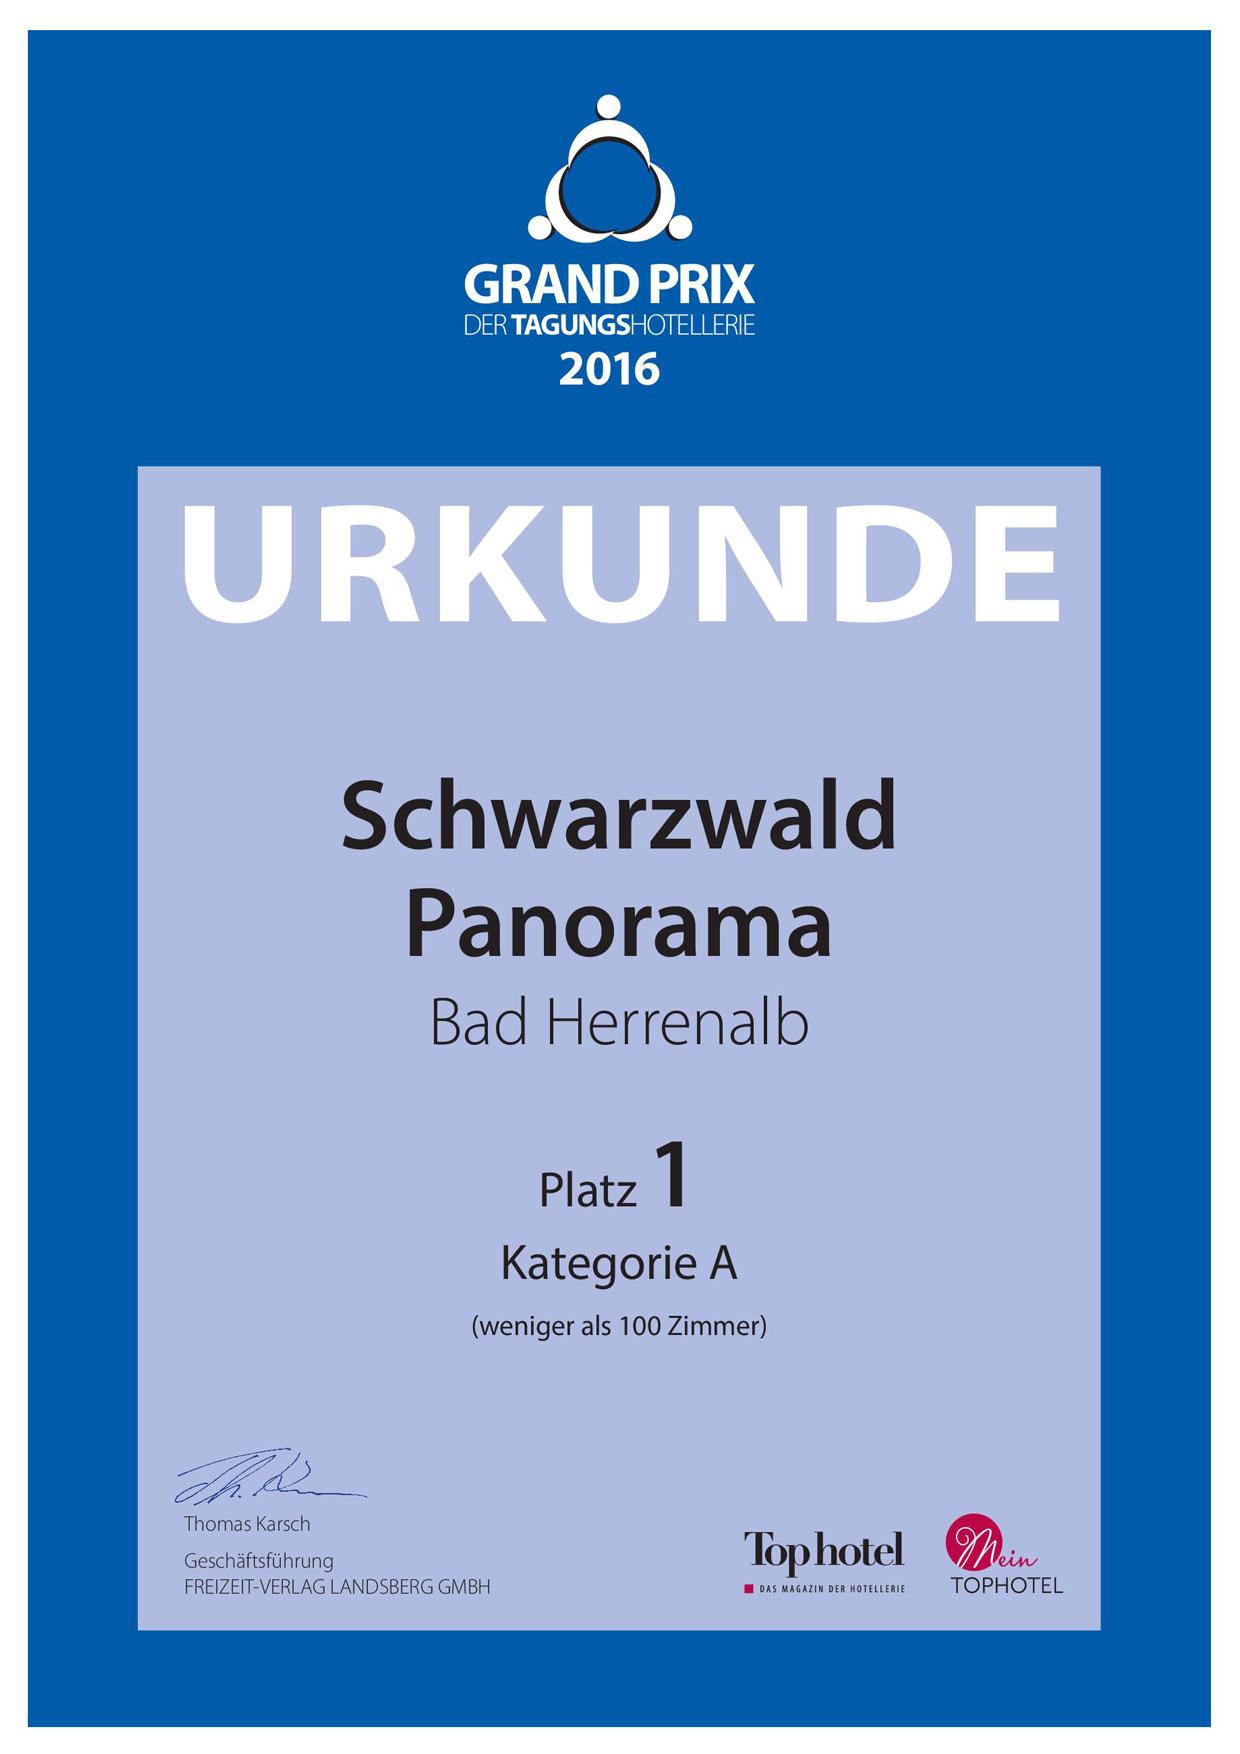 Urkunde 1. Platz Grand Prix der Tagungshotellerie 2016/2017 vom Tagungshotel Schwarzwald Panorama